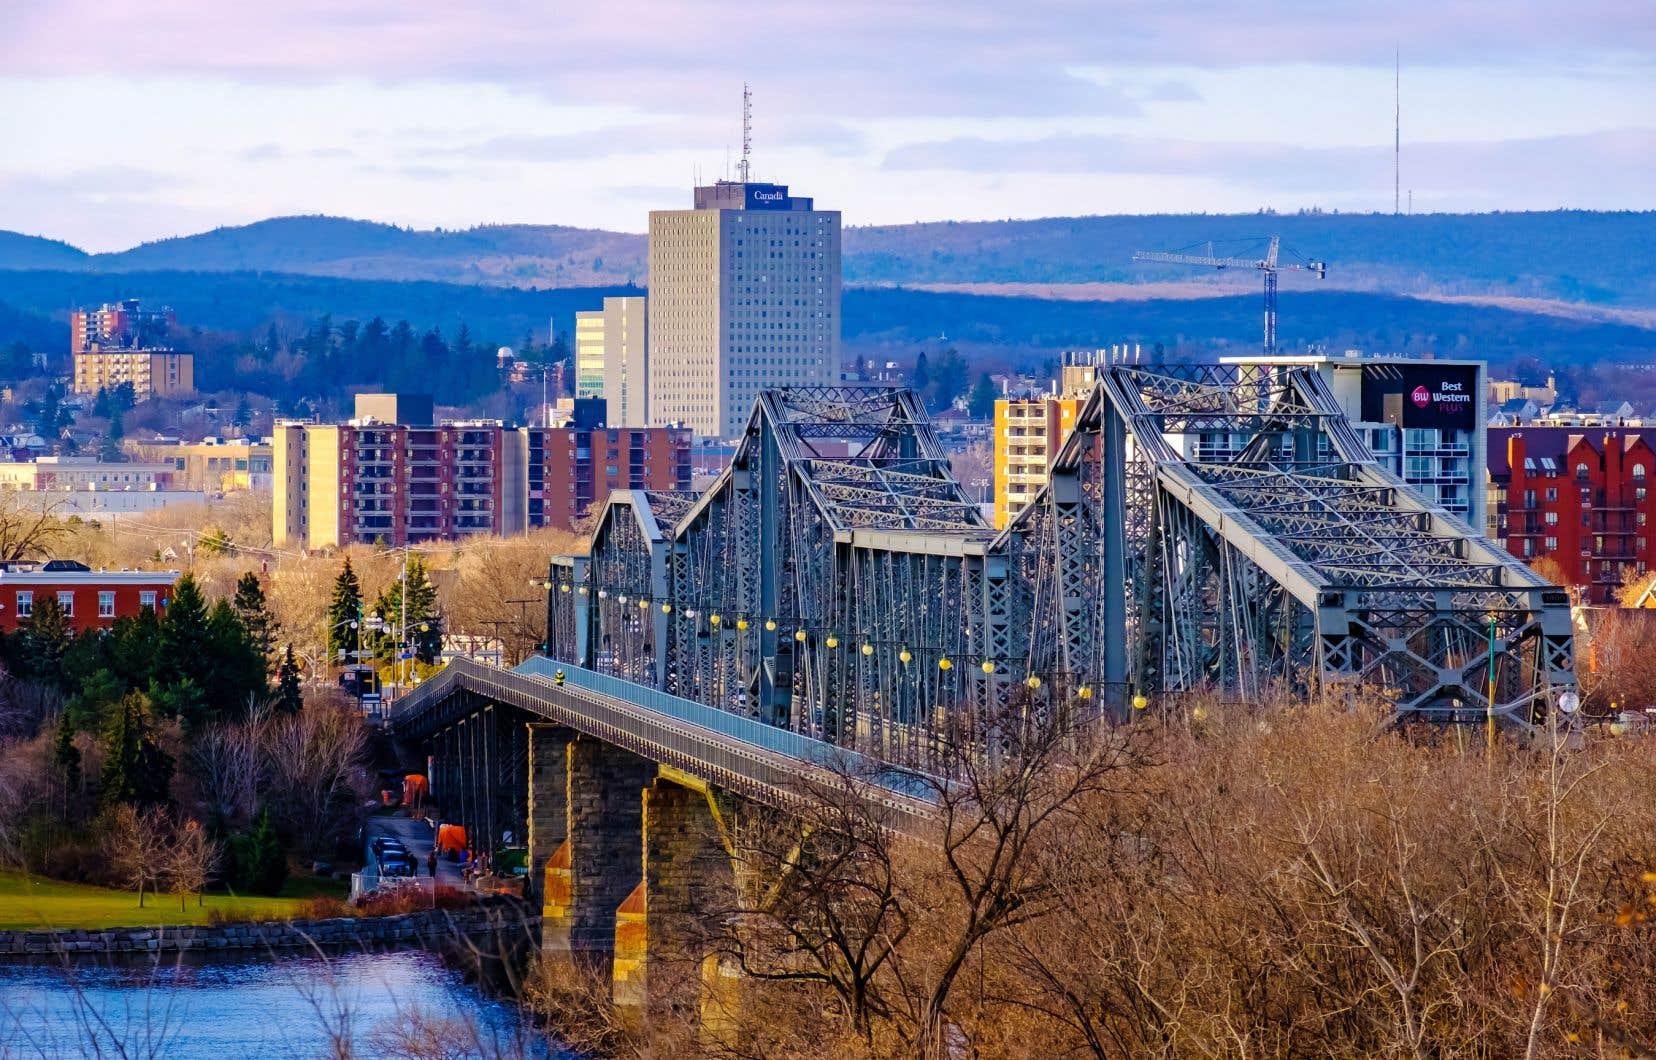 En moins de dix ans, la ville de Gatineau a pris de l'ampleur sur le plan politique, notamment en s'imposant aussi bien à Québec qu'à Ottawa. Un changement de paradigme qui éloigne la fonction de maire, traditionnellement assez indépendant, d'une logique de districts centrée sur les infrastructures locales.